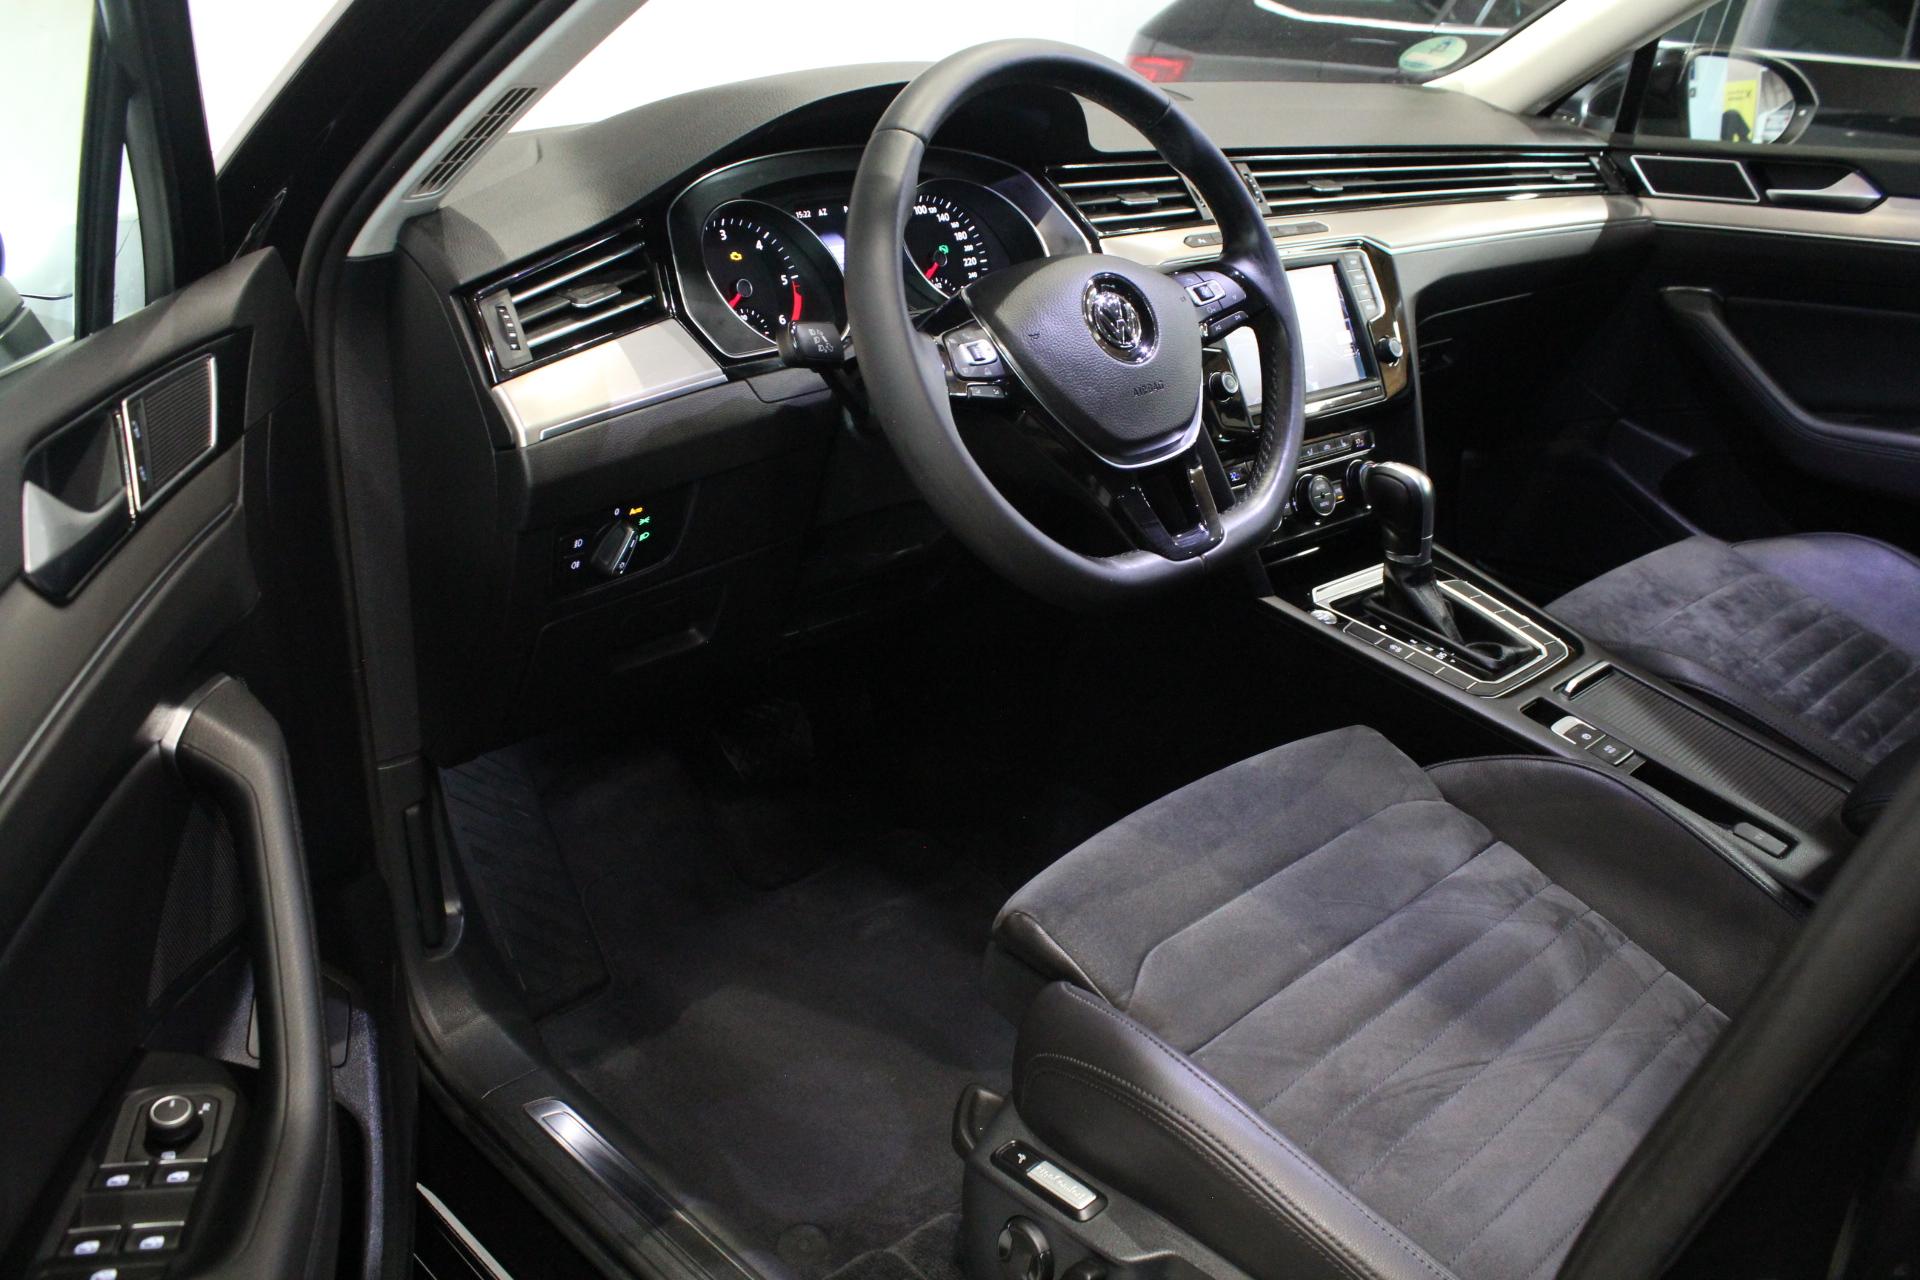 VW Passat B8 2.0 TDI DSG Highline Navi 9.2″ - AutoBrela obrázek